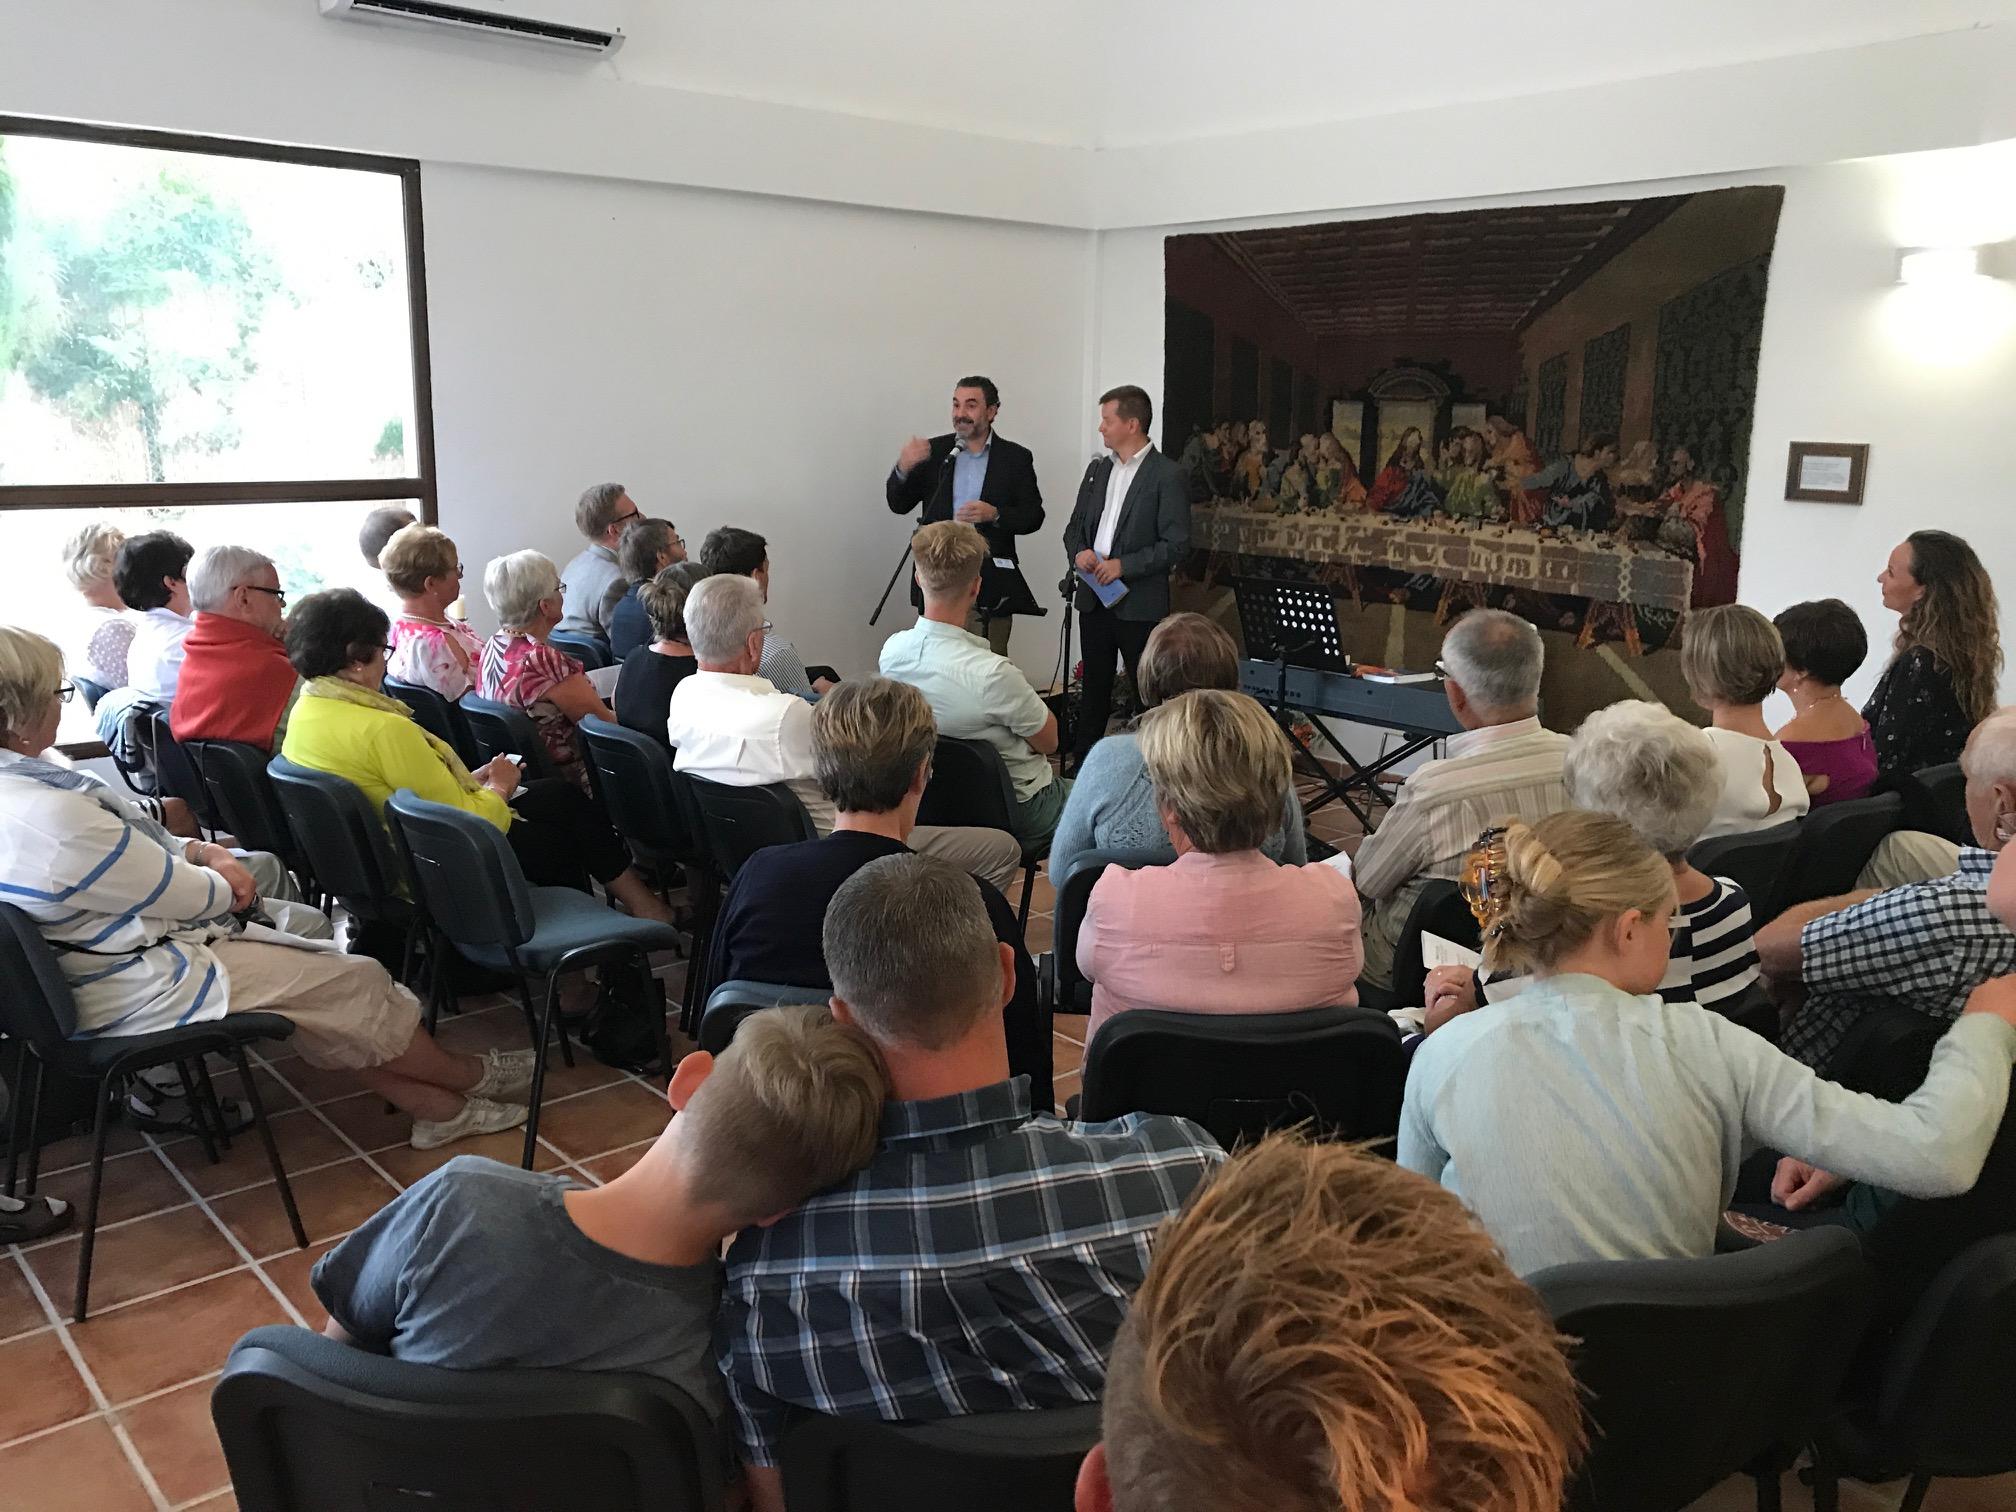 Abre sus puertas en l'Alfàs un centro noruego de estudios religiosos